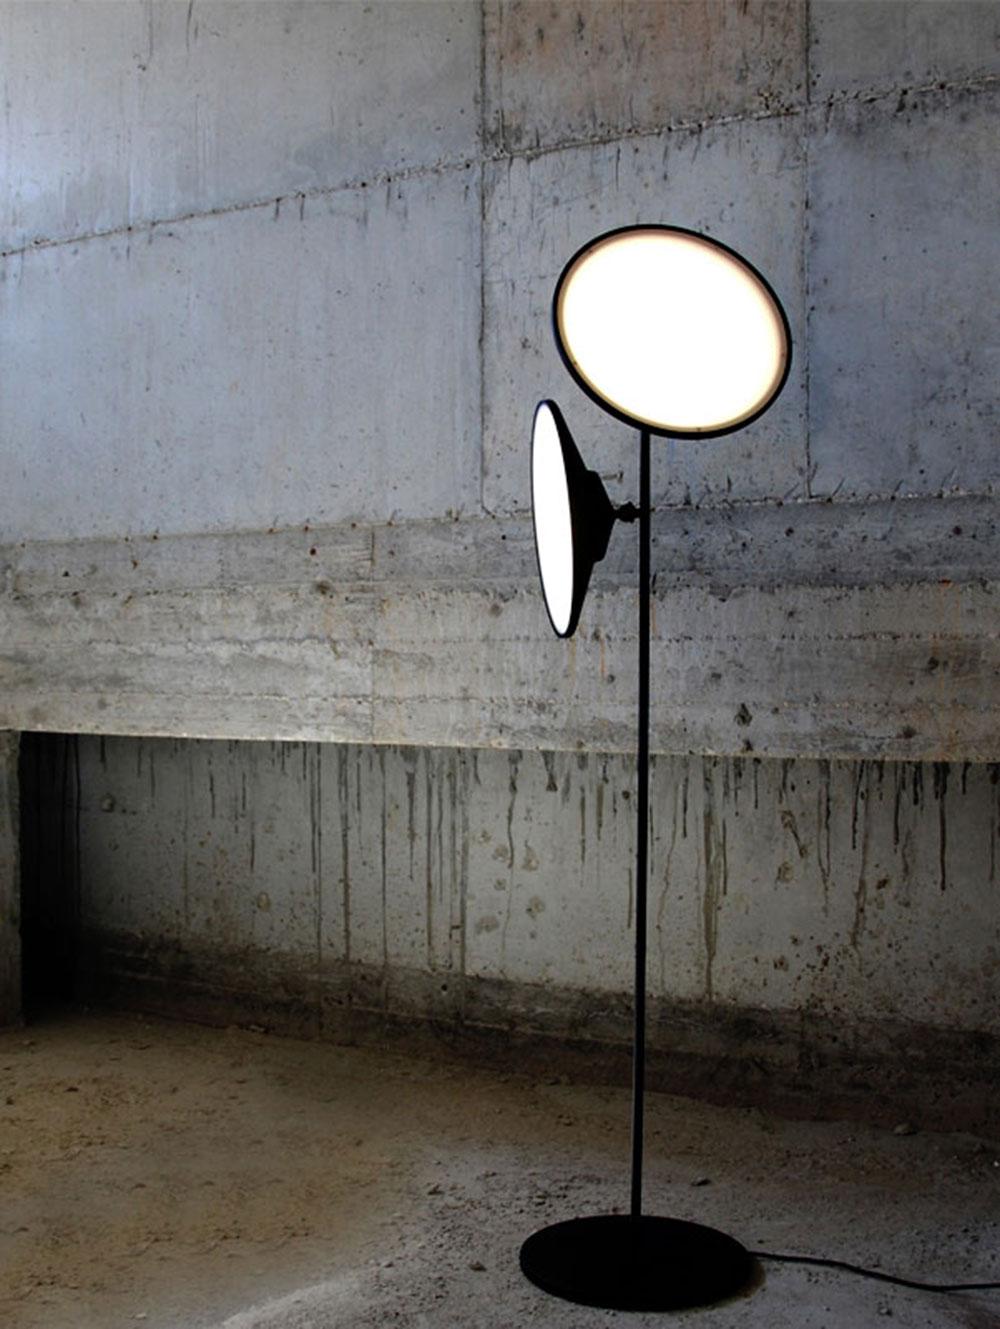 מנורת רצפה 2MOONS, אוסף טולמנ'ס. גרסה אורבנית בהשראת הטבע